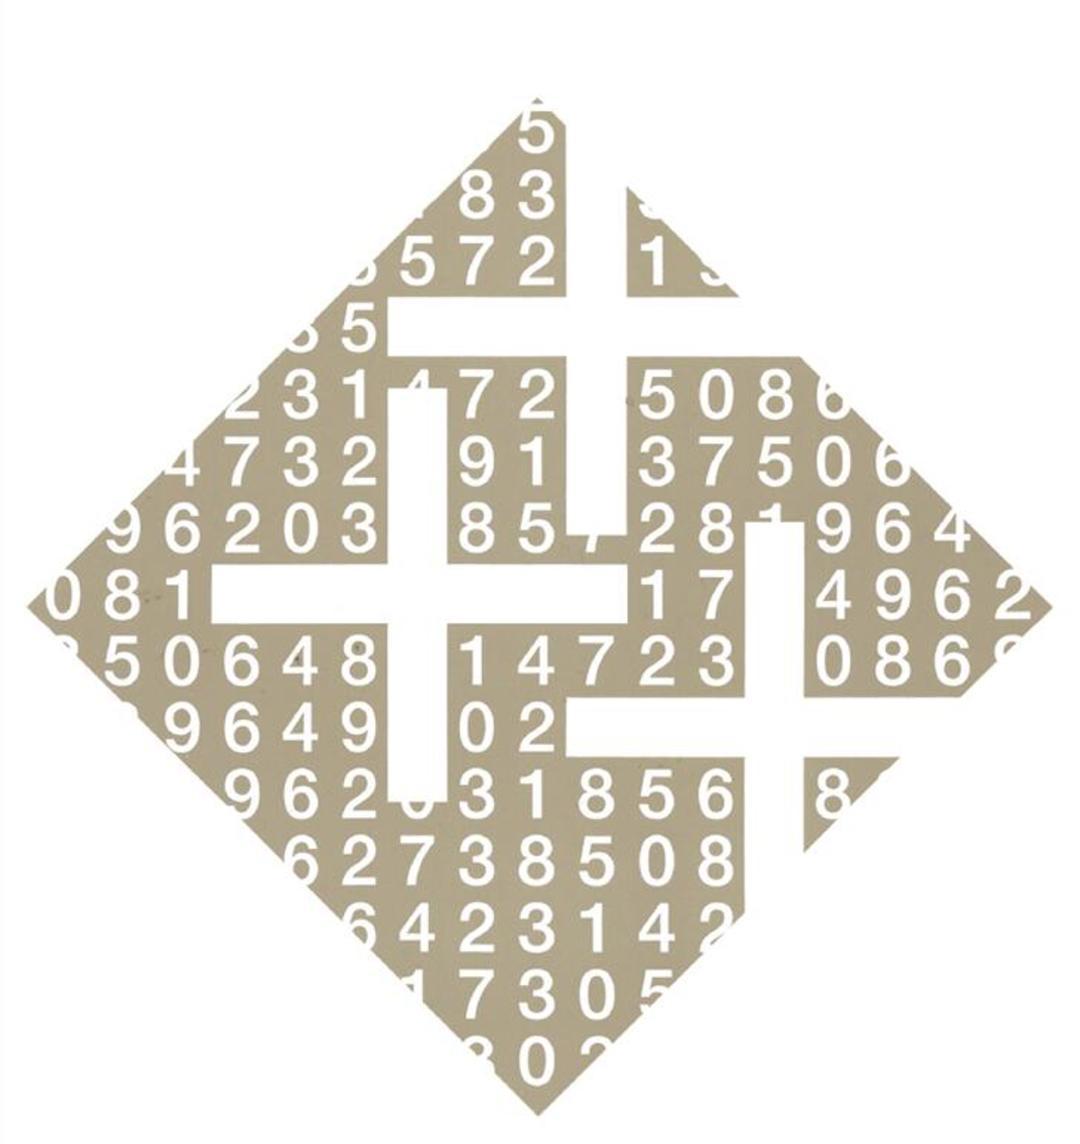 欧文金融公司的logo,1990年.数字帮助解释了加号标志.图片